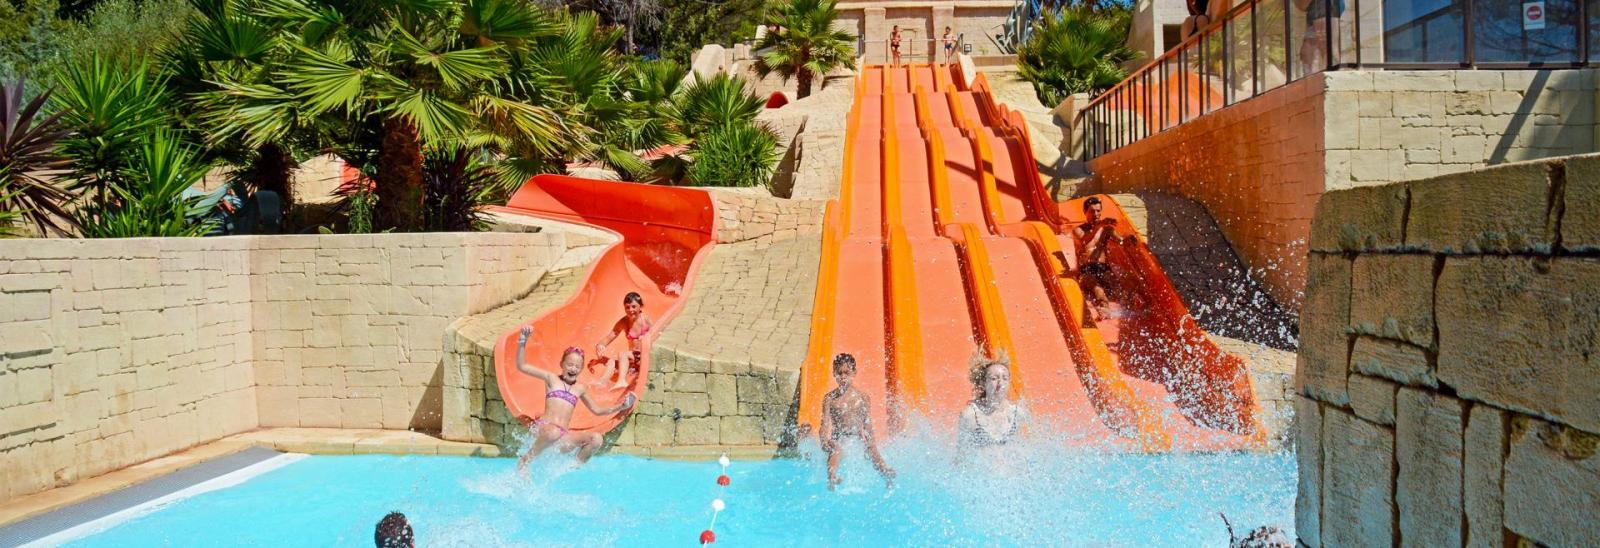 Camping Avec Parc Aquatique Var, Sud De La France : Piscines ... destiné Camping Marseille Avec Piscine